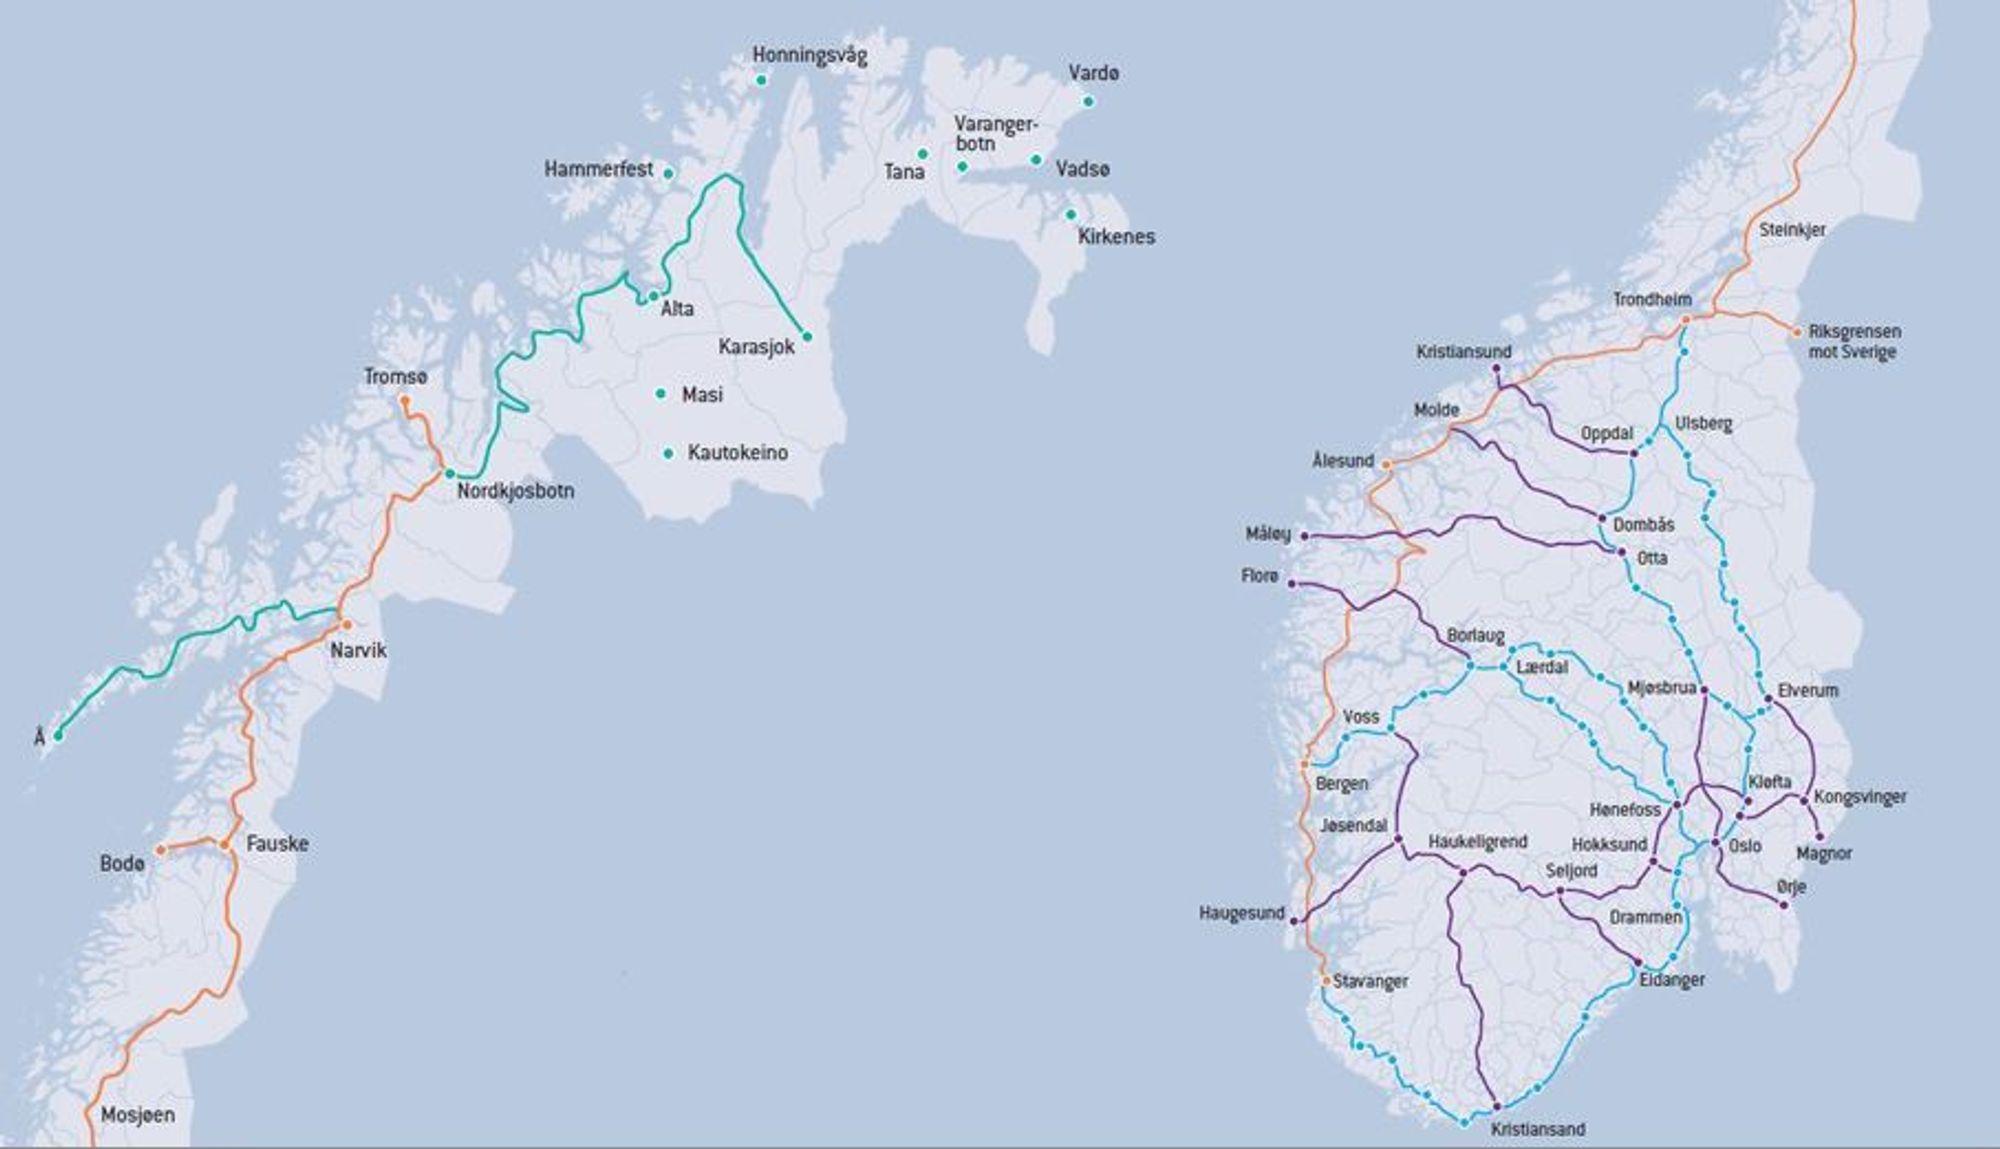 Enovas hurtigladerkart. Veiene i lilla, utlyst i mai, skal bygges av Fortum og Grønn Kontakt. Veiene i blått ble utlyst i september 2015, veiene i oransje ble utlyst i januar i år, mens de i grønt lyses ut nå. Kart: Enova